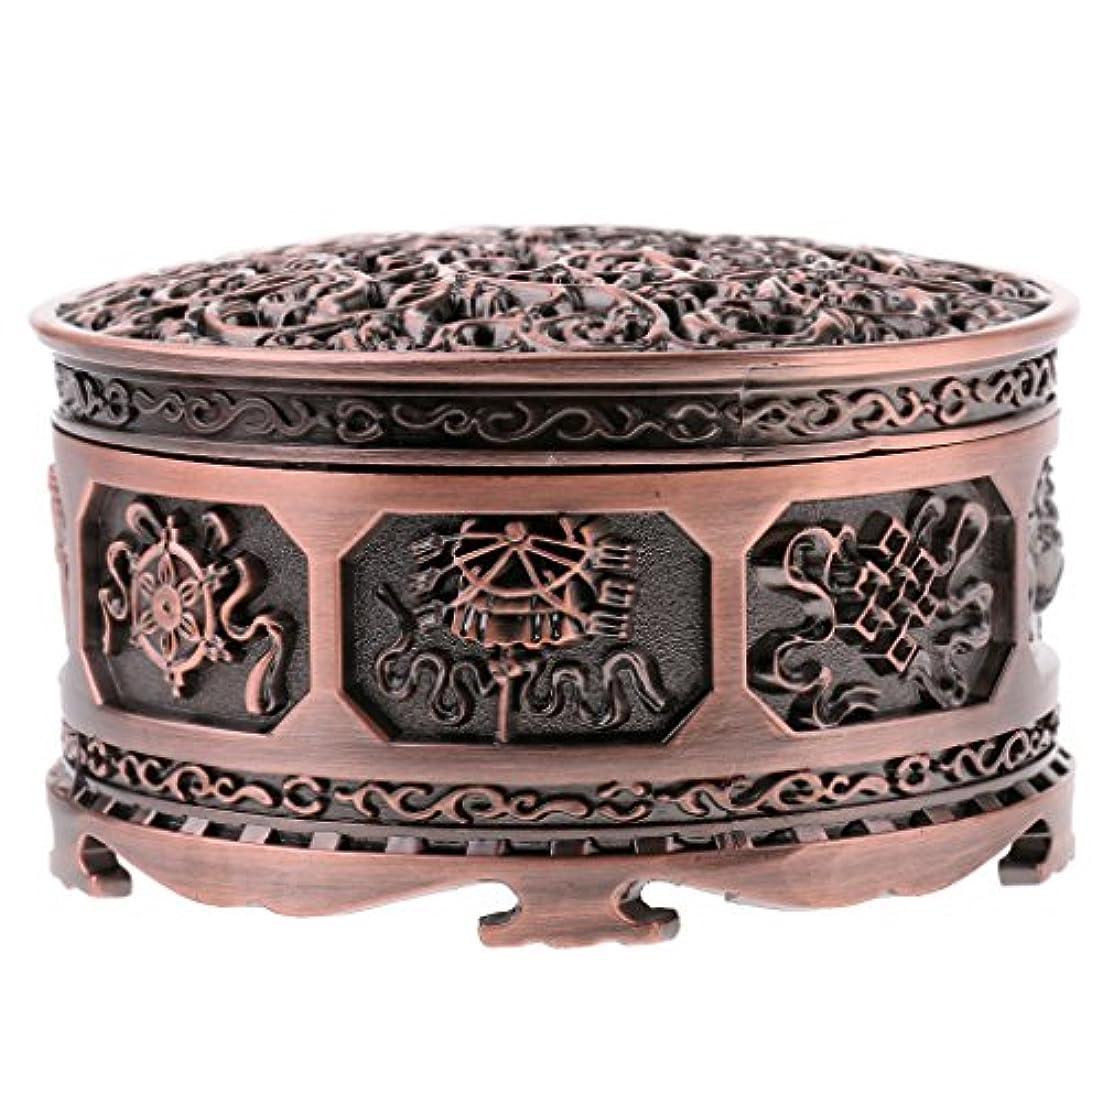 ただ論争勧告Fenteer チベット 合金 香りバーナー 煙 コーン 香炉 金属 アロマストーブ ホーム 装飾 全3色 - 浓いかっしょく